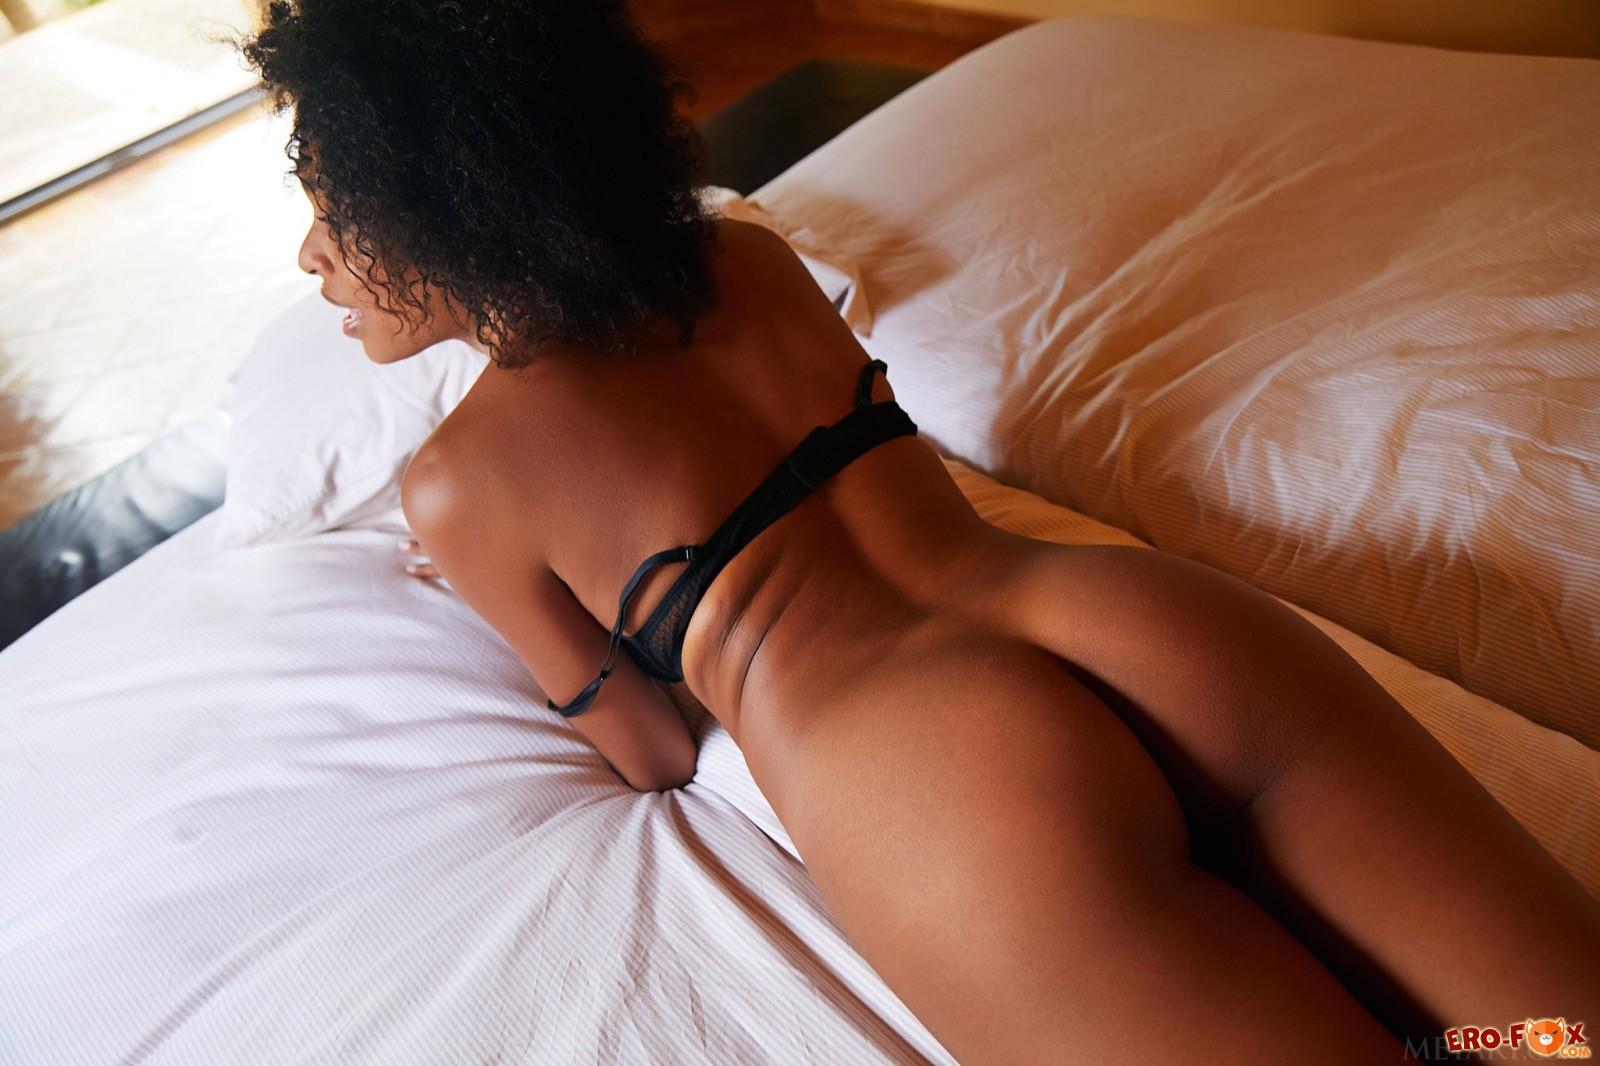 Негритянка с голой сексуальной жопой в постели - фото